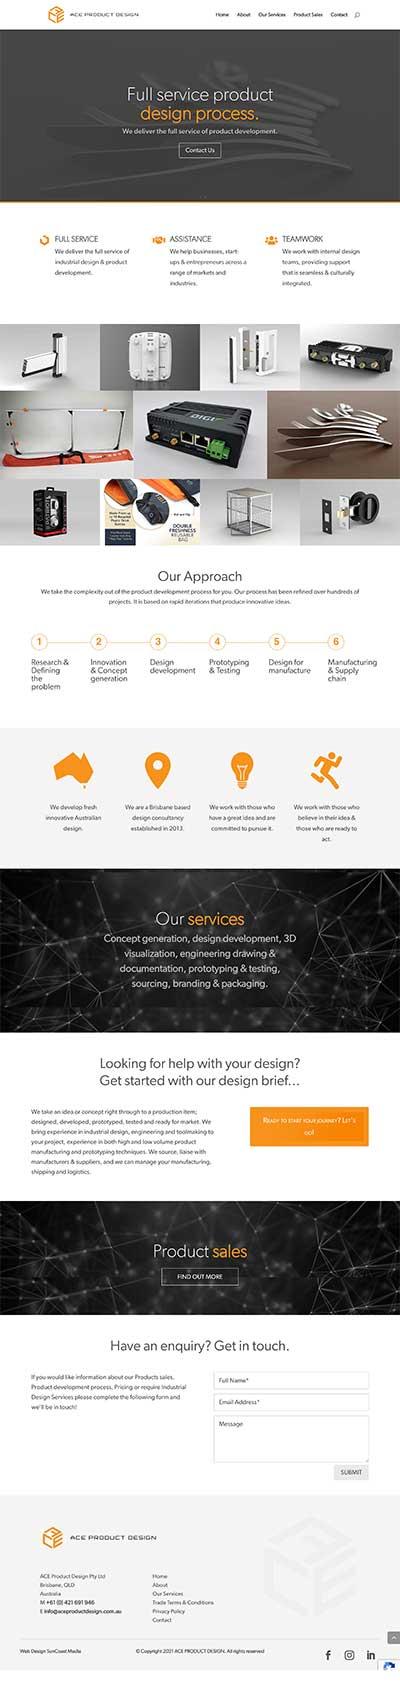 brisbane-engineers-website-design-suncoastmedia